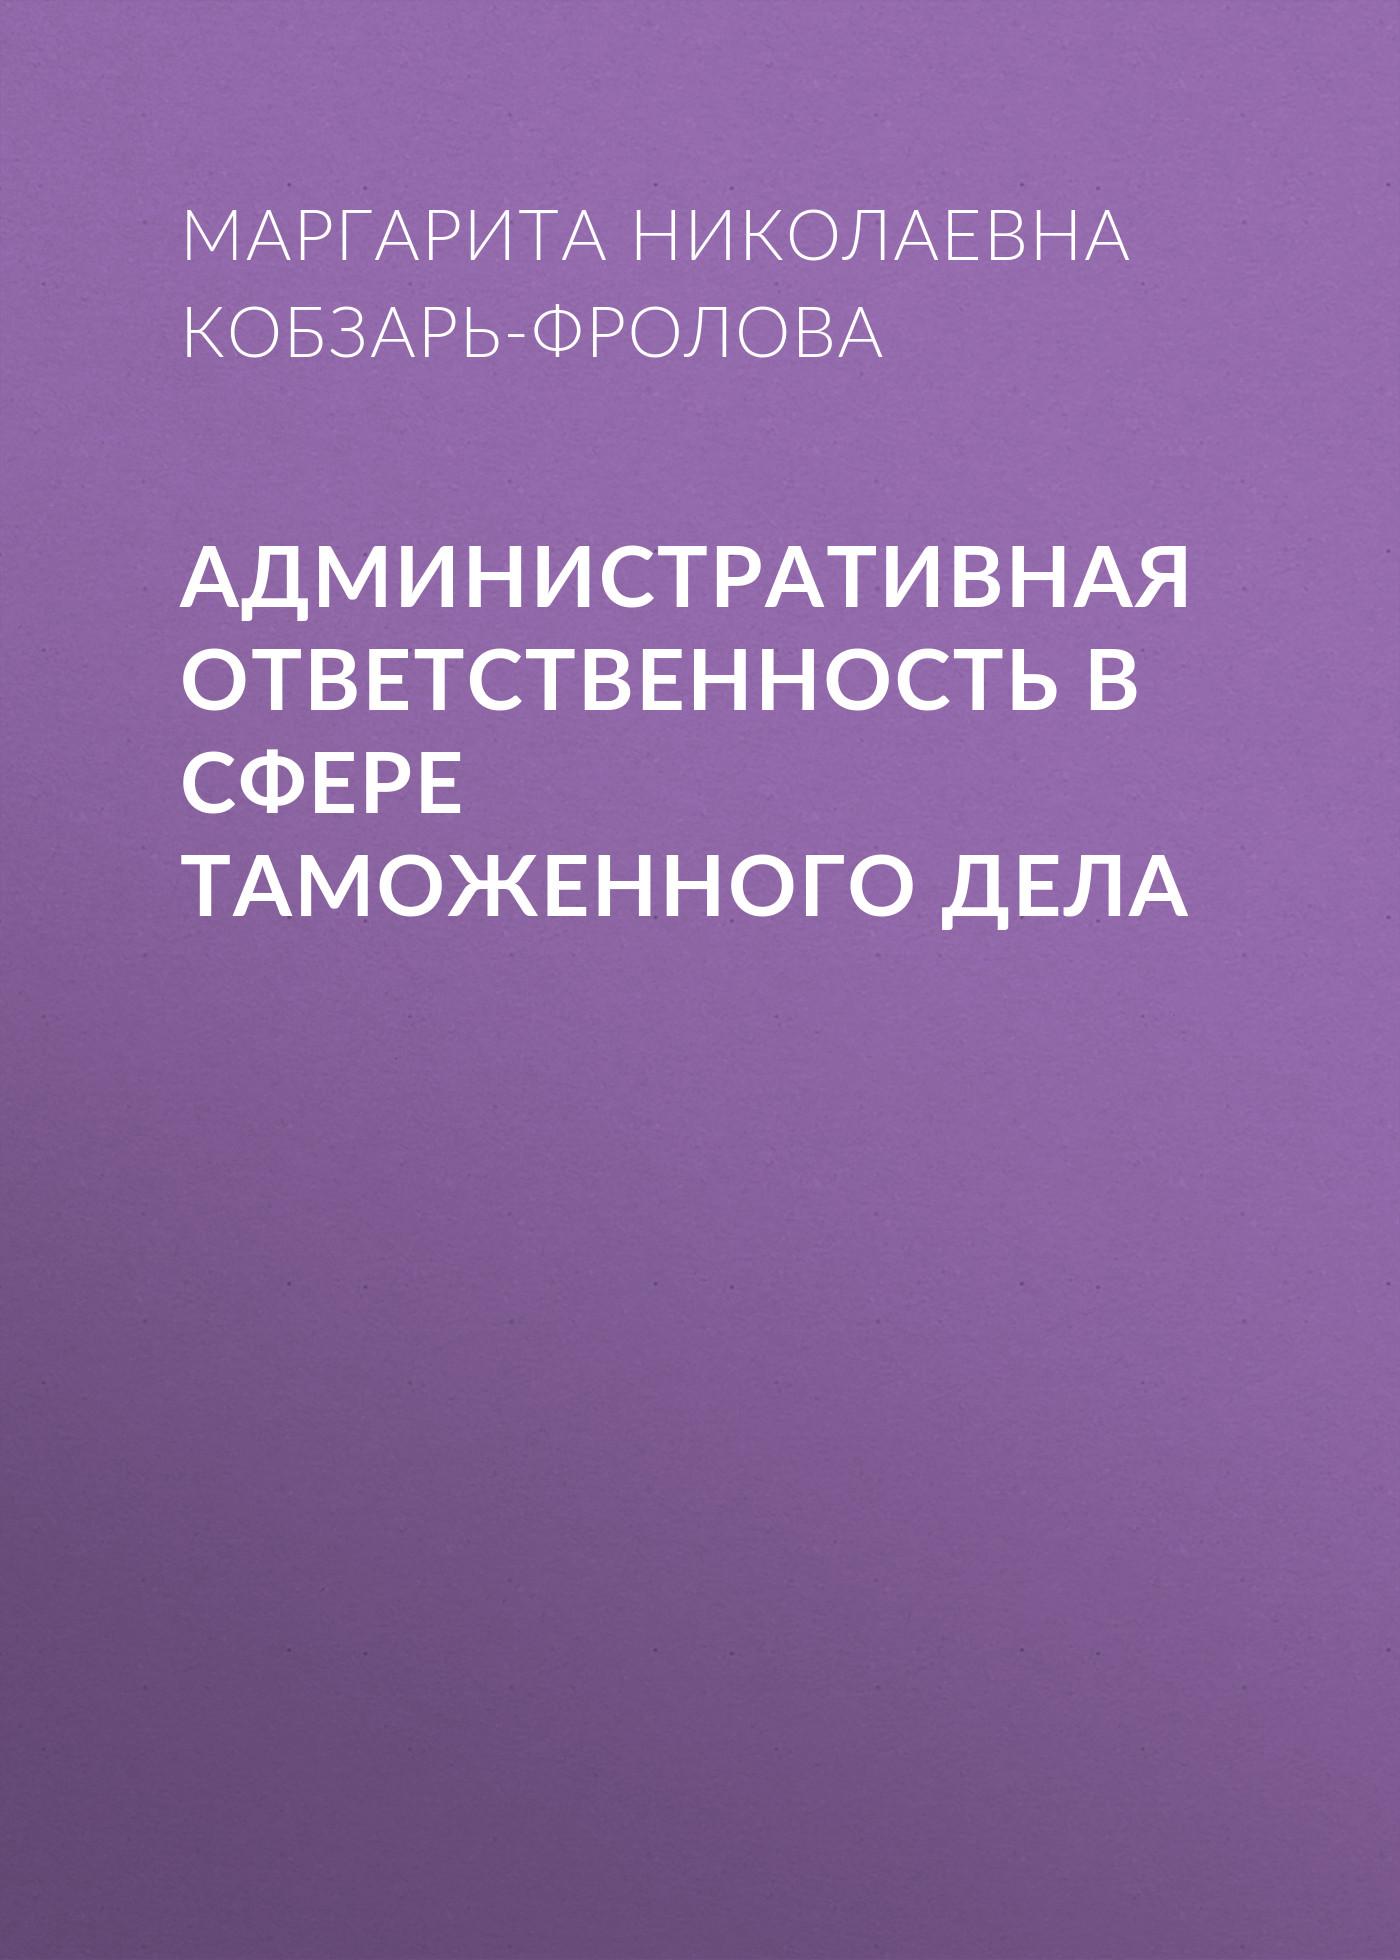 Маргарита Николаевна Кобзарь-Фролова Административная ответственность в сфере таможенного дела екатерина николаевна арестова квалификация и расследование преступлений в сфере таможенного дела